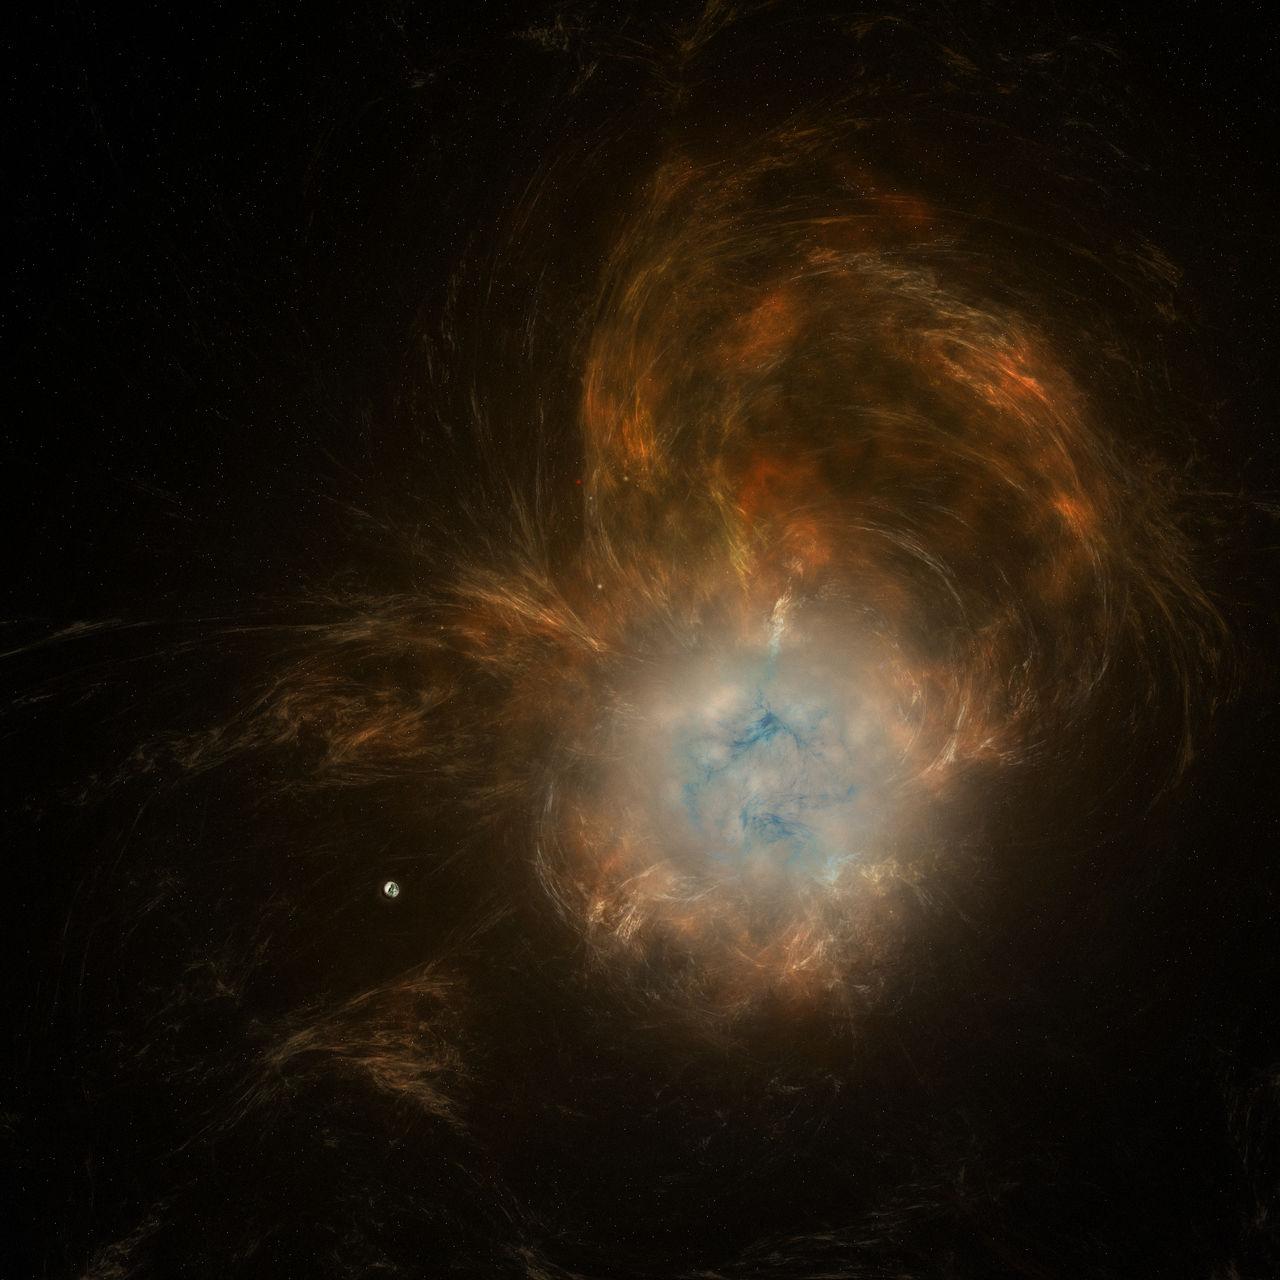 nebula_273_8_by_detcord12b_ddzsp49-fullv